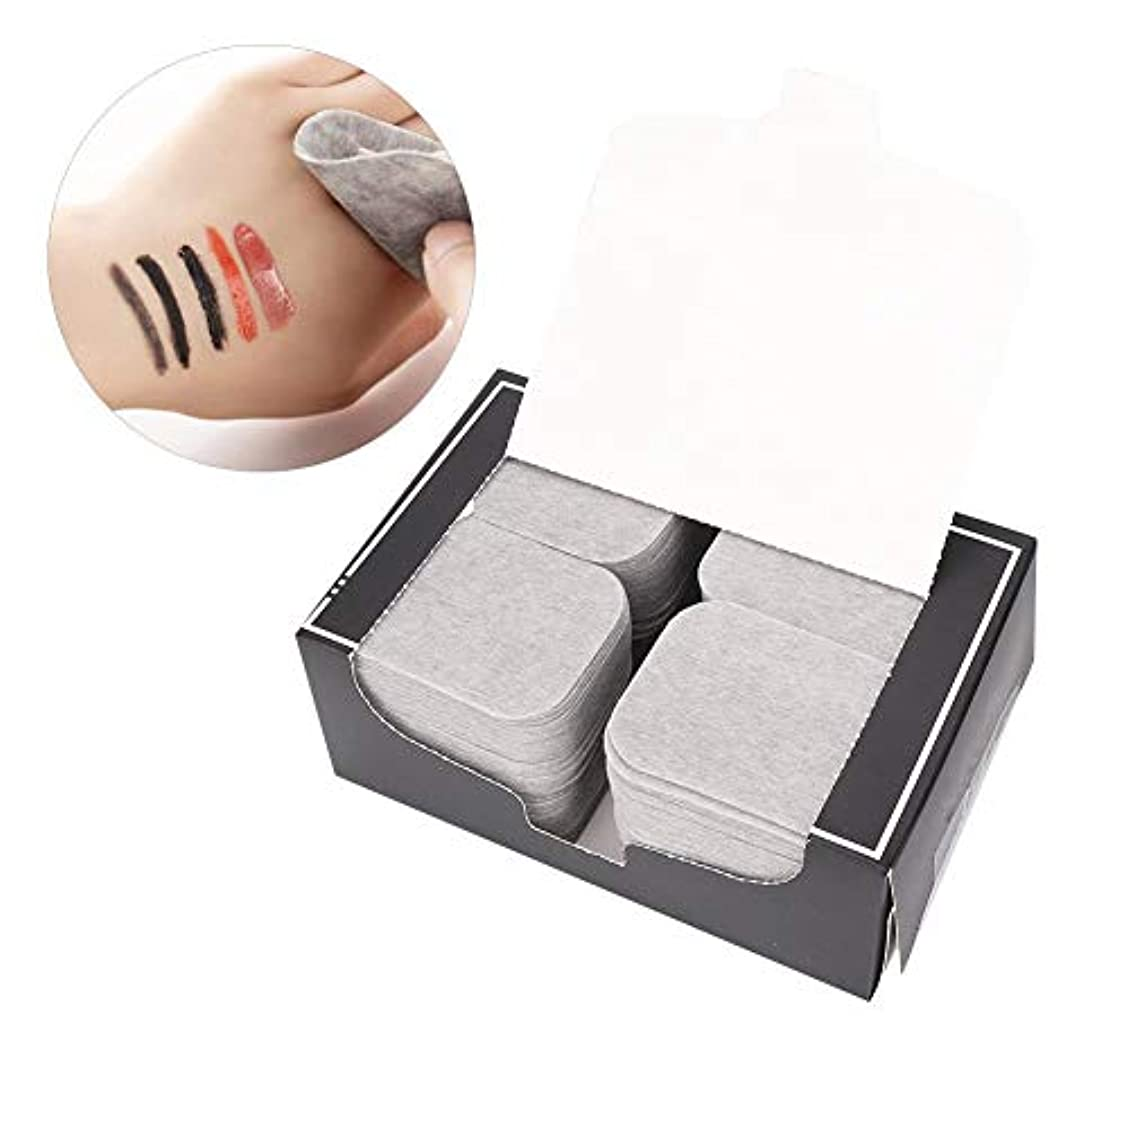 ファセット一生考古学的な200ピース竹炭タオルメイクアップフェイスクレンジングパッド化粧品除去ツール